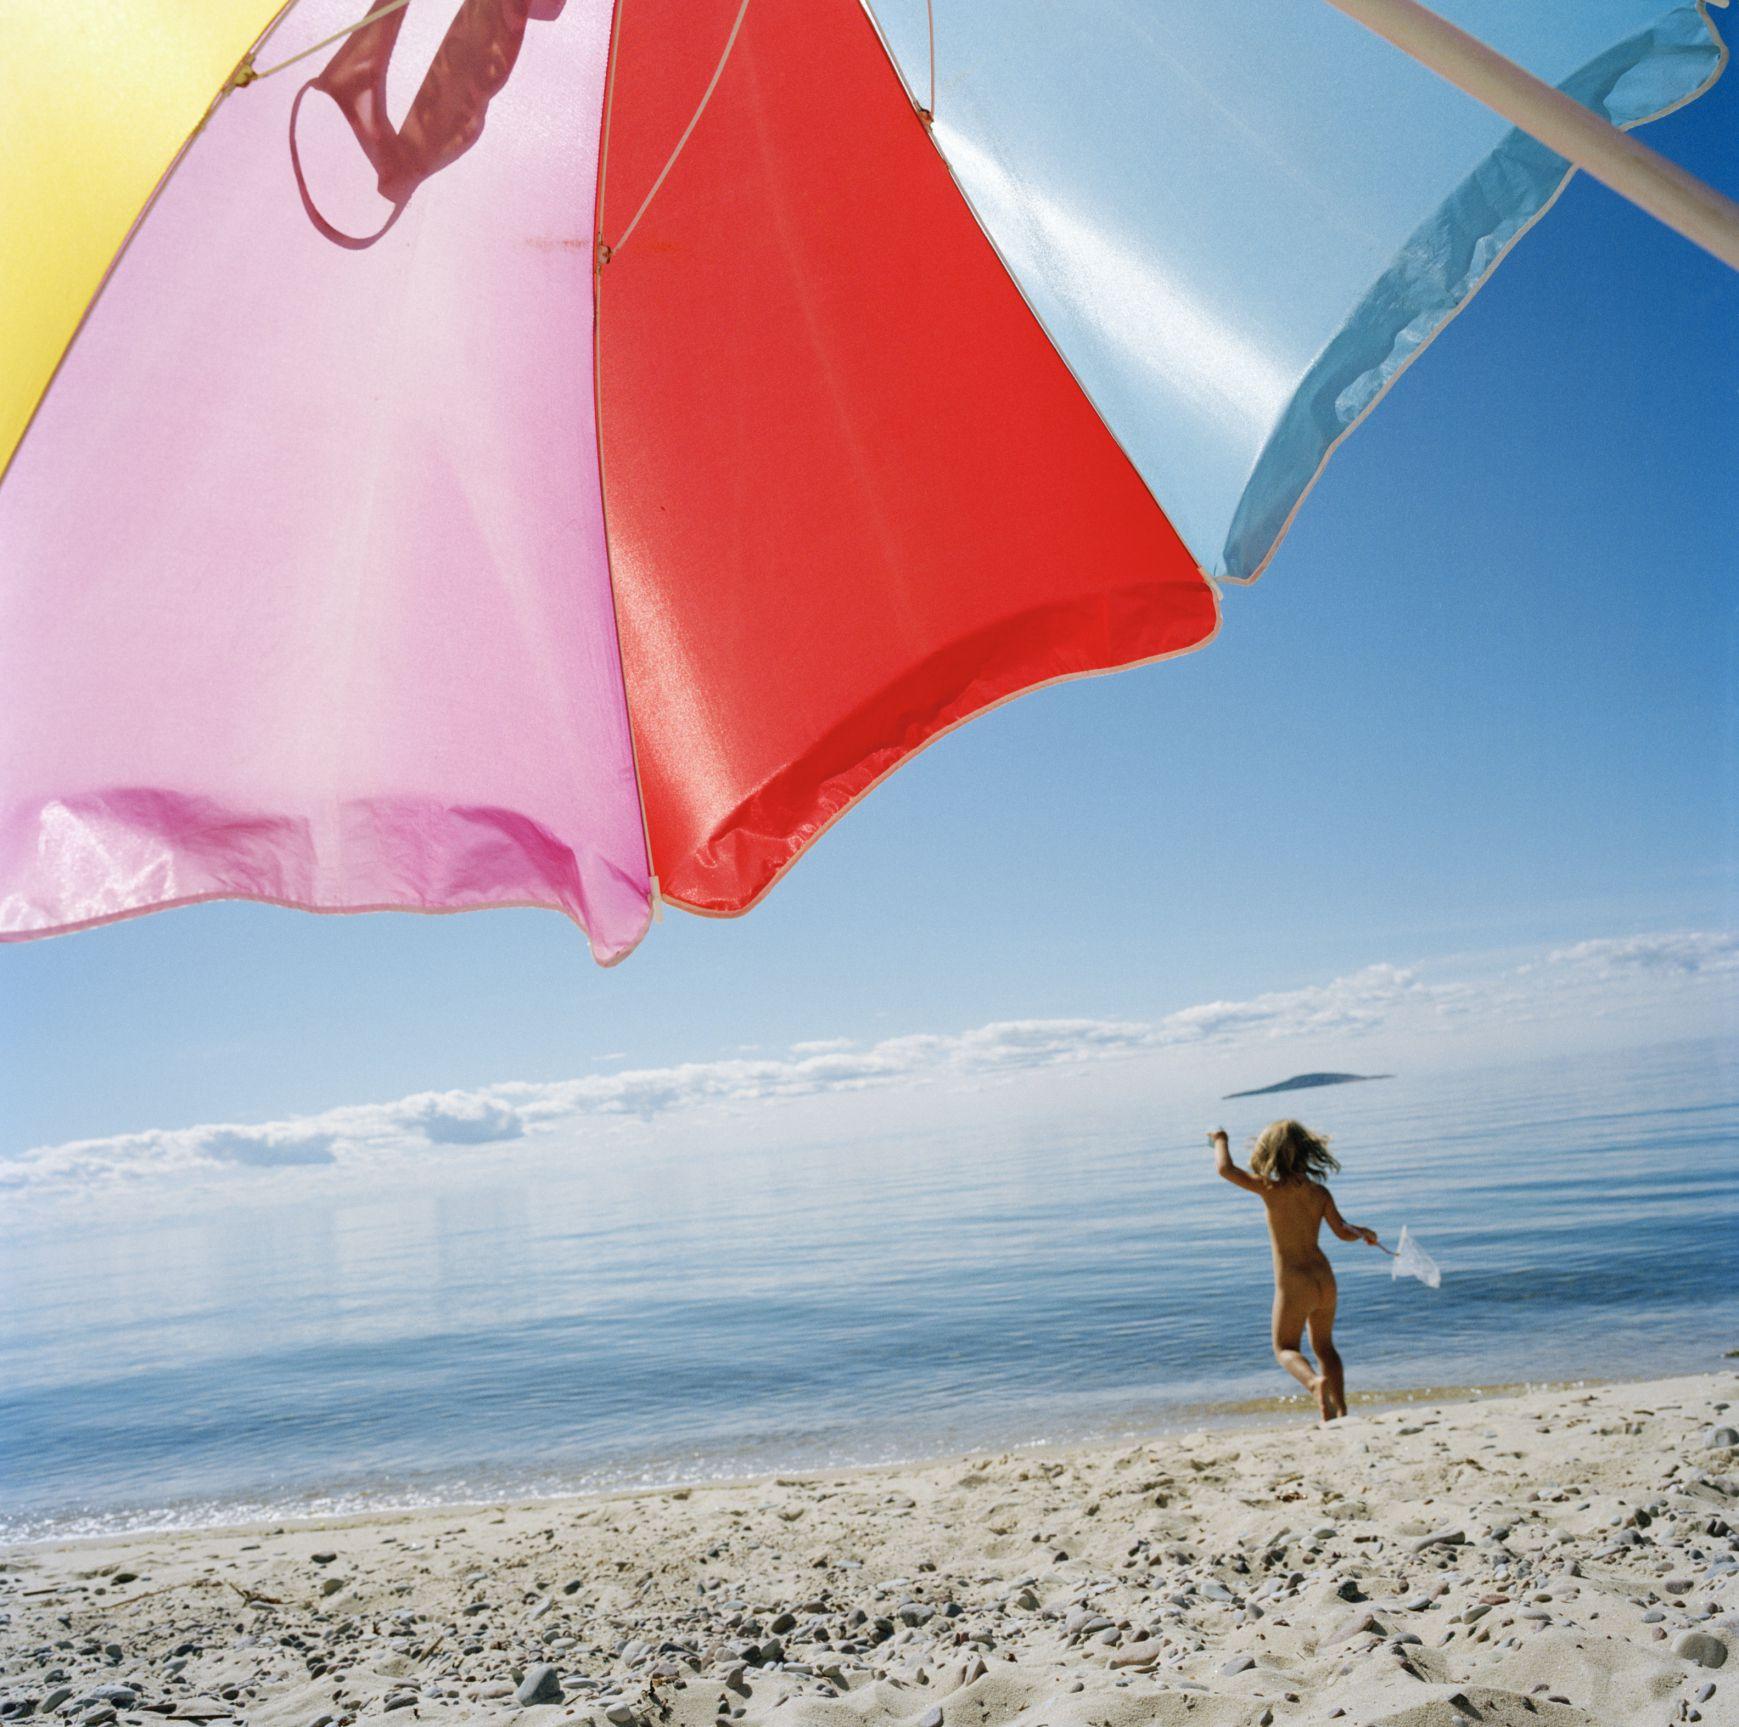 Personas desnudas en playas nudistas Nude Photos 96